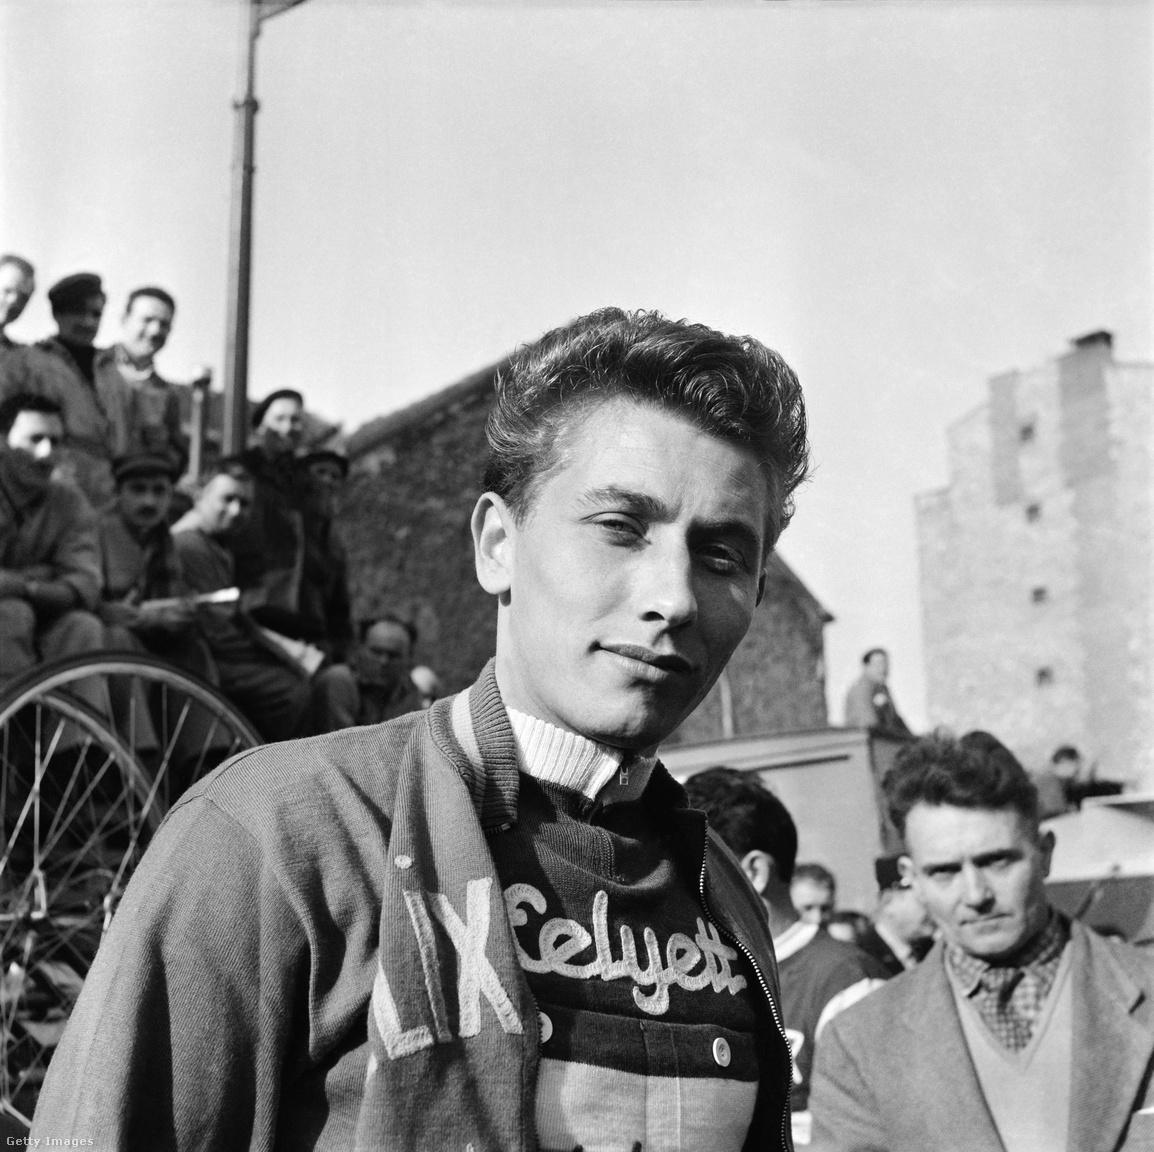 A verseny történetének első ötszörös győztese a francia Jacques Anquetil lett. 1957-ben újoncként került a  csapatba, és mindjárt első kísérletére megnyerte a sárga trikót jó időfutamainak köszönhetően. Anquetil a bulizásban is az élen járt, versenyek közben is eljárt partikra, kártyázni és közben persze ivott is.